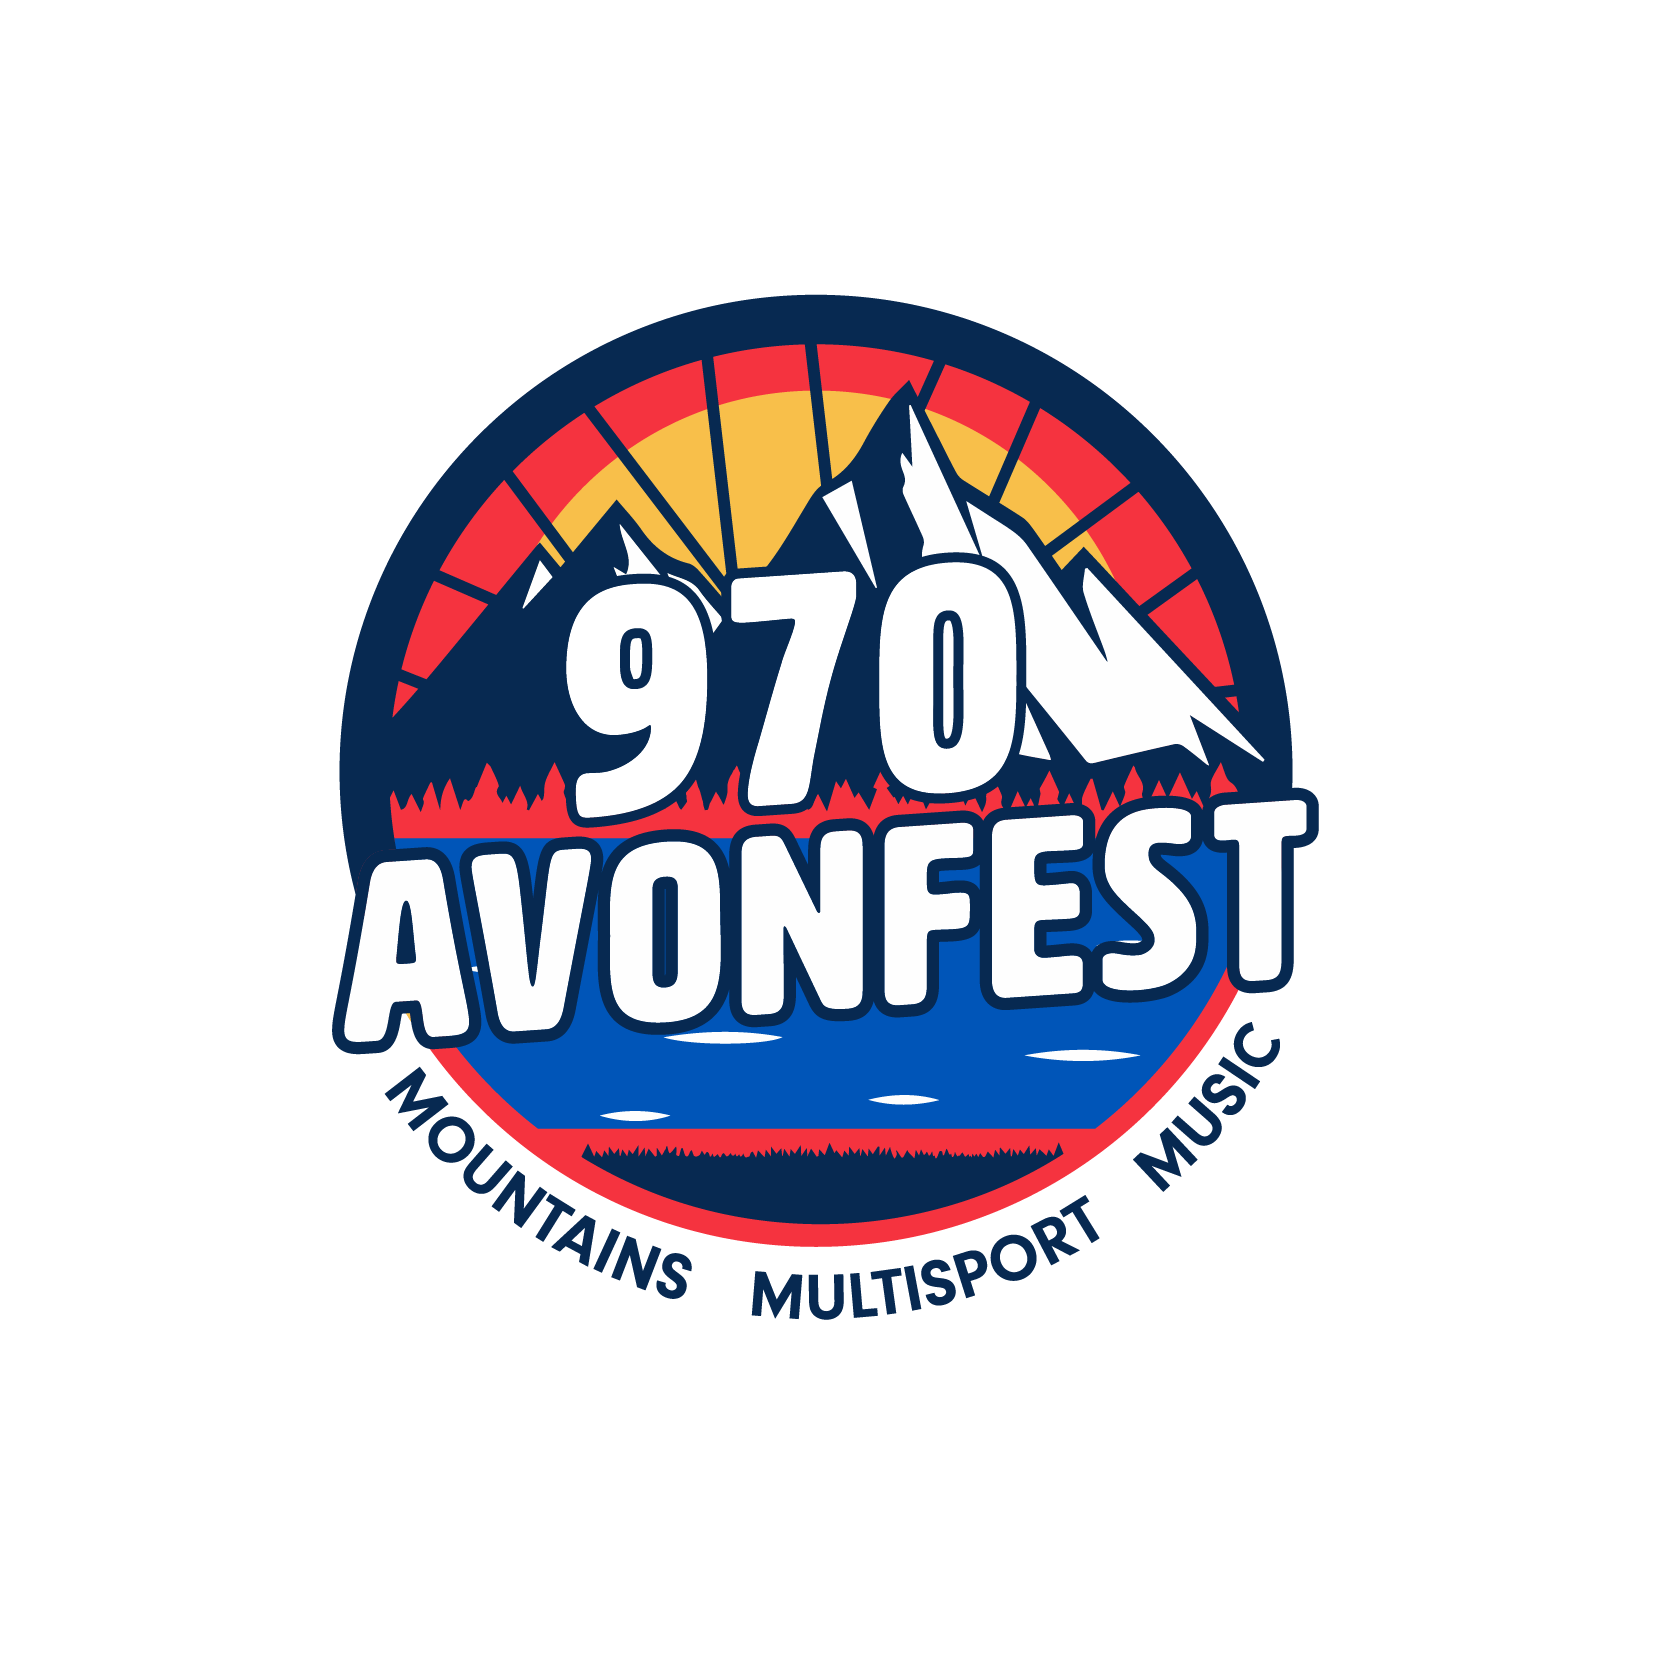 970 Avonfest-01.png